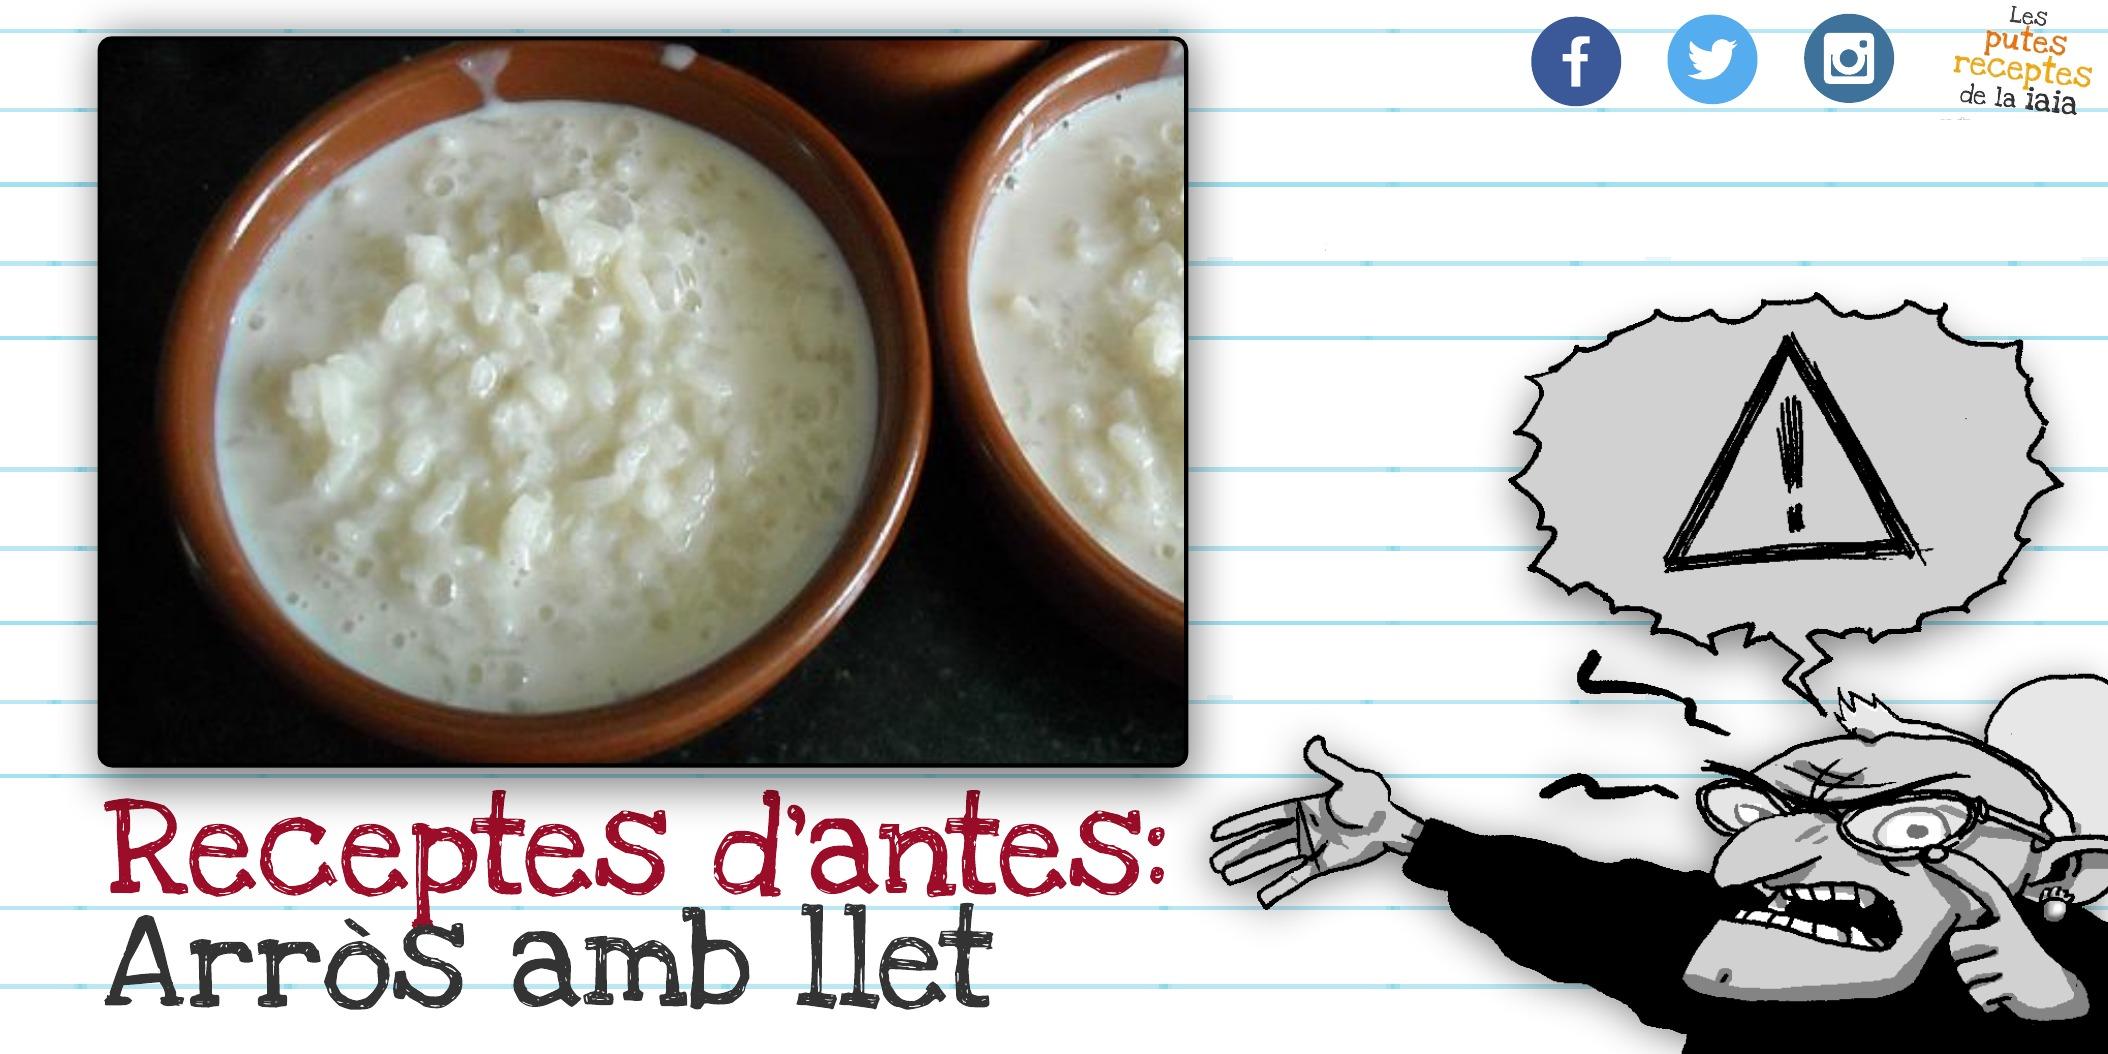 Una puta recepta barata i fàcil: arròs amb llet